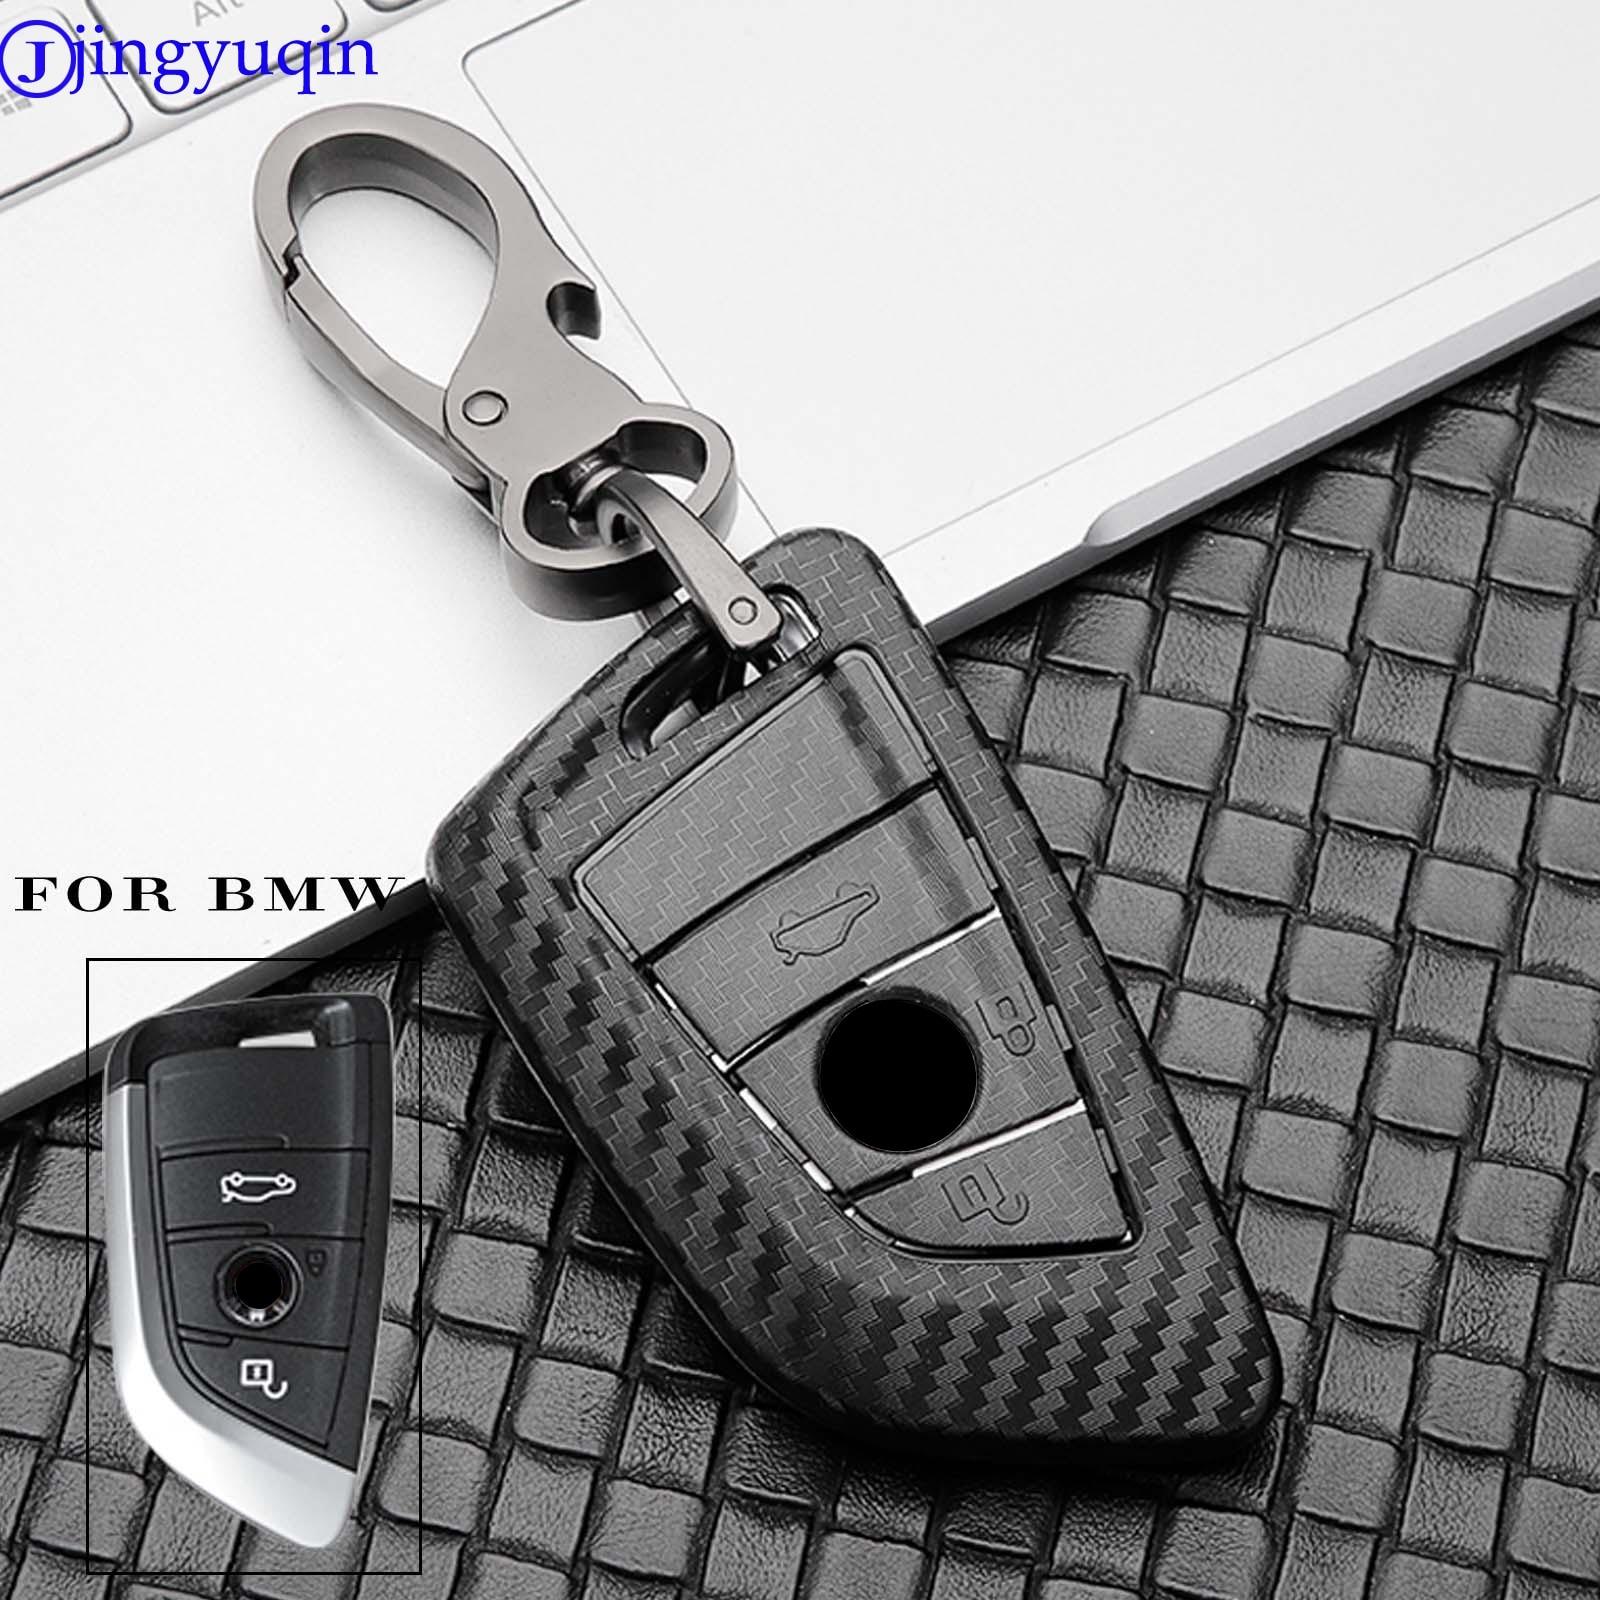 jingyuqin Carbon Fiber Car Key Case Shell For BMW X5 F15 X6 F16 G30 7 1 2 5 Series G11 X1 X5 F48 218i